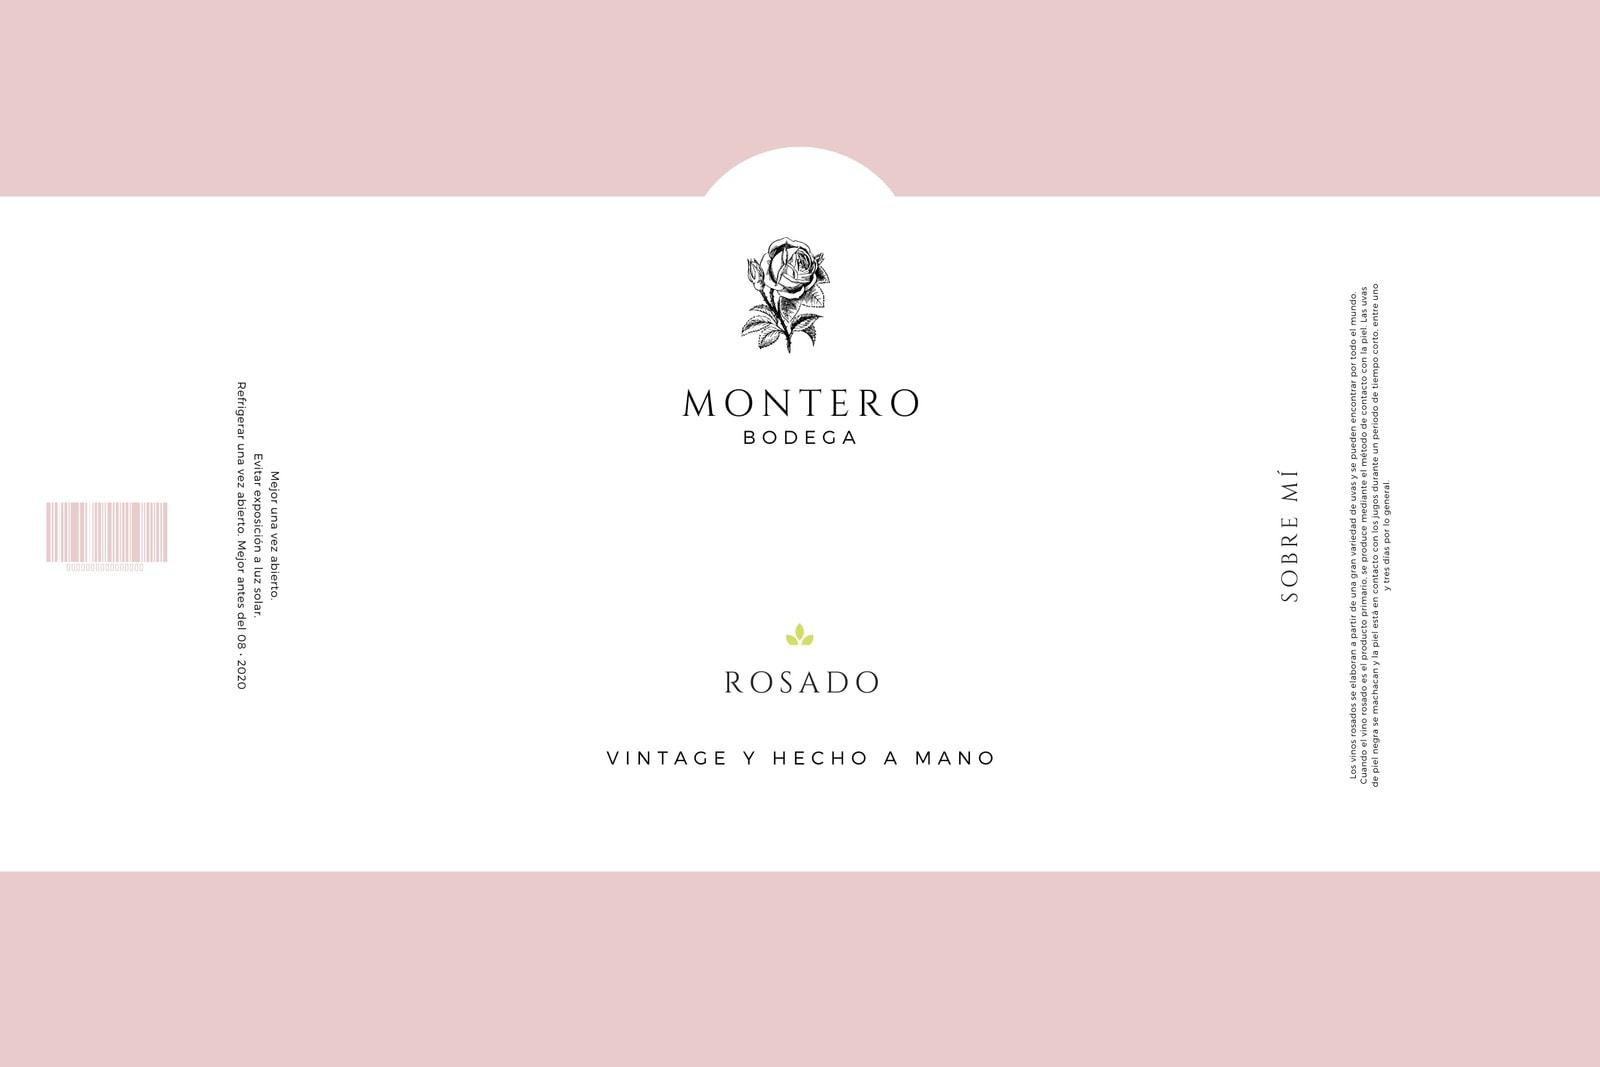 Rosa Claro Blanco Minimalista Sencillo Elegante Botella Vino Producto Etiqueta